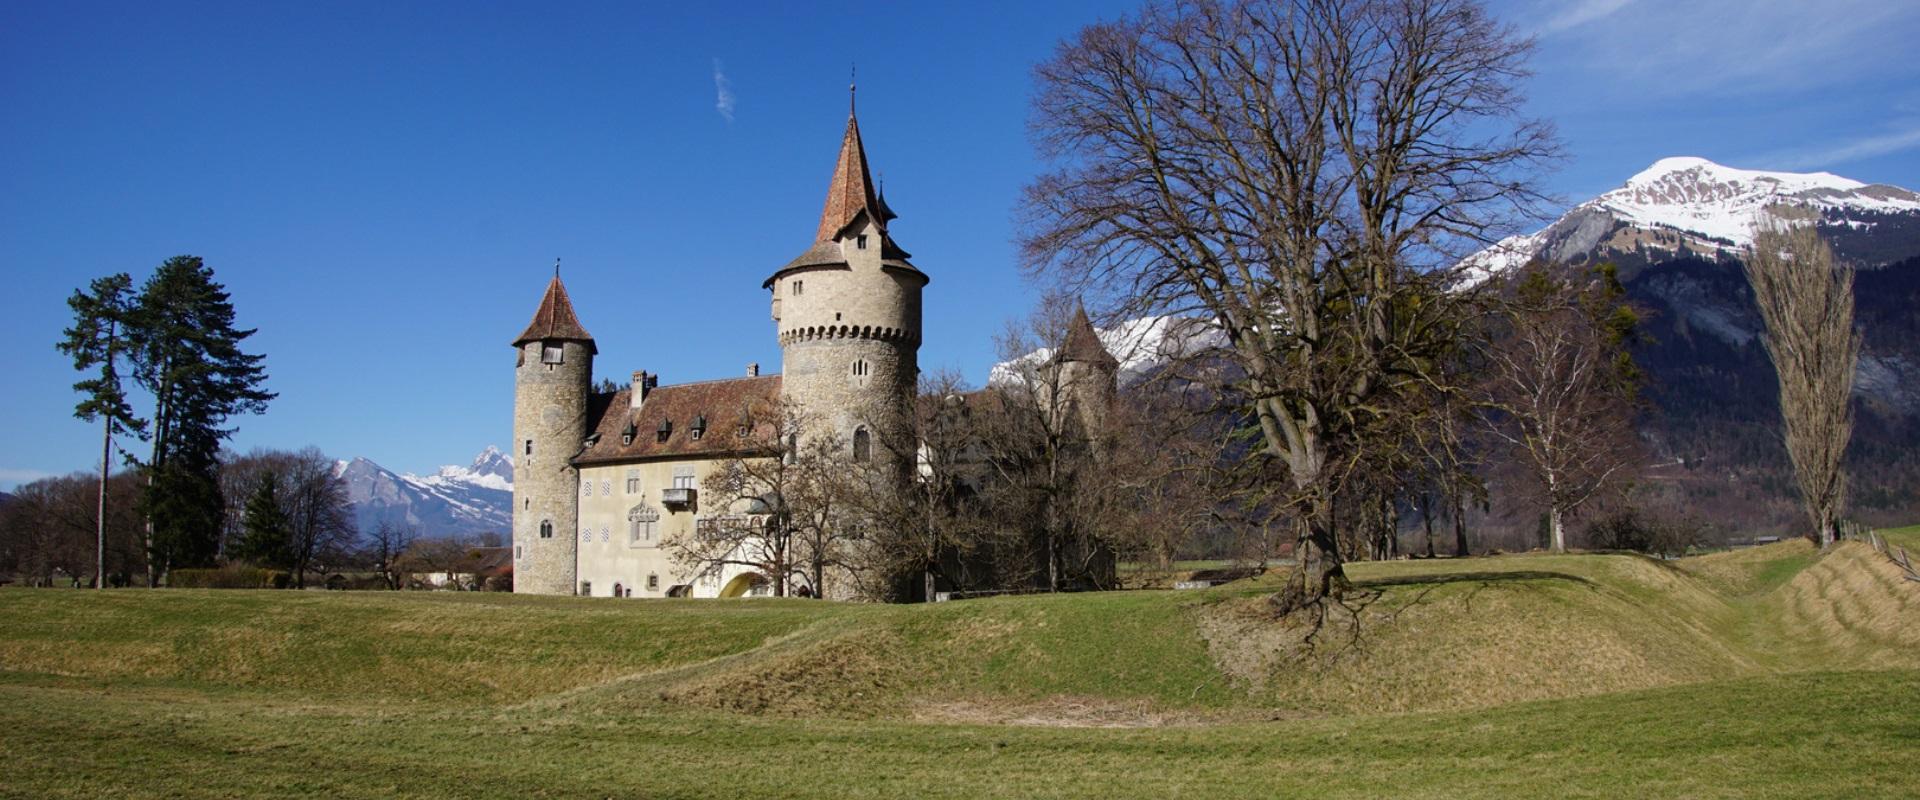 Marschlins – verstecktes Wasserschloss im Alpenrheintal